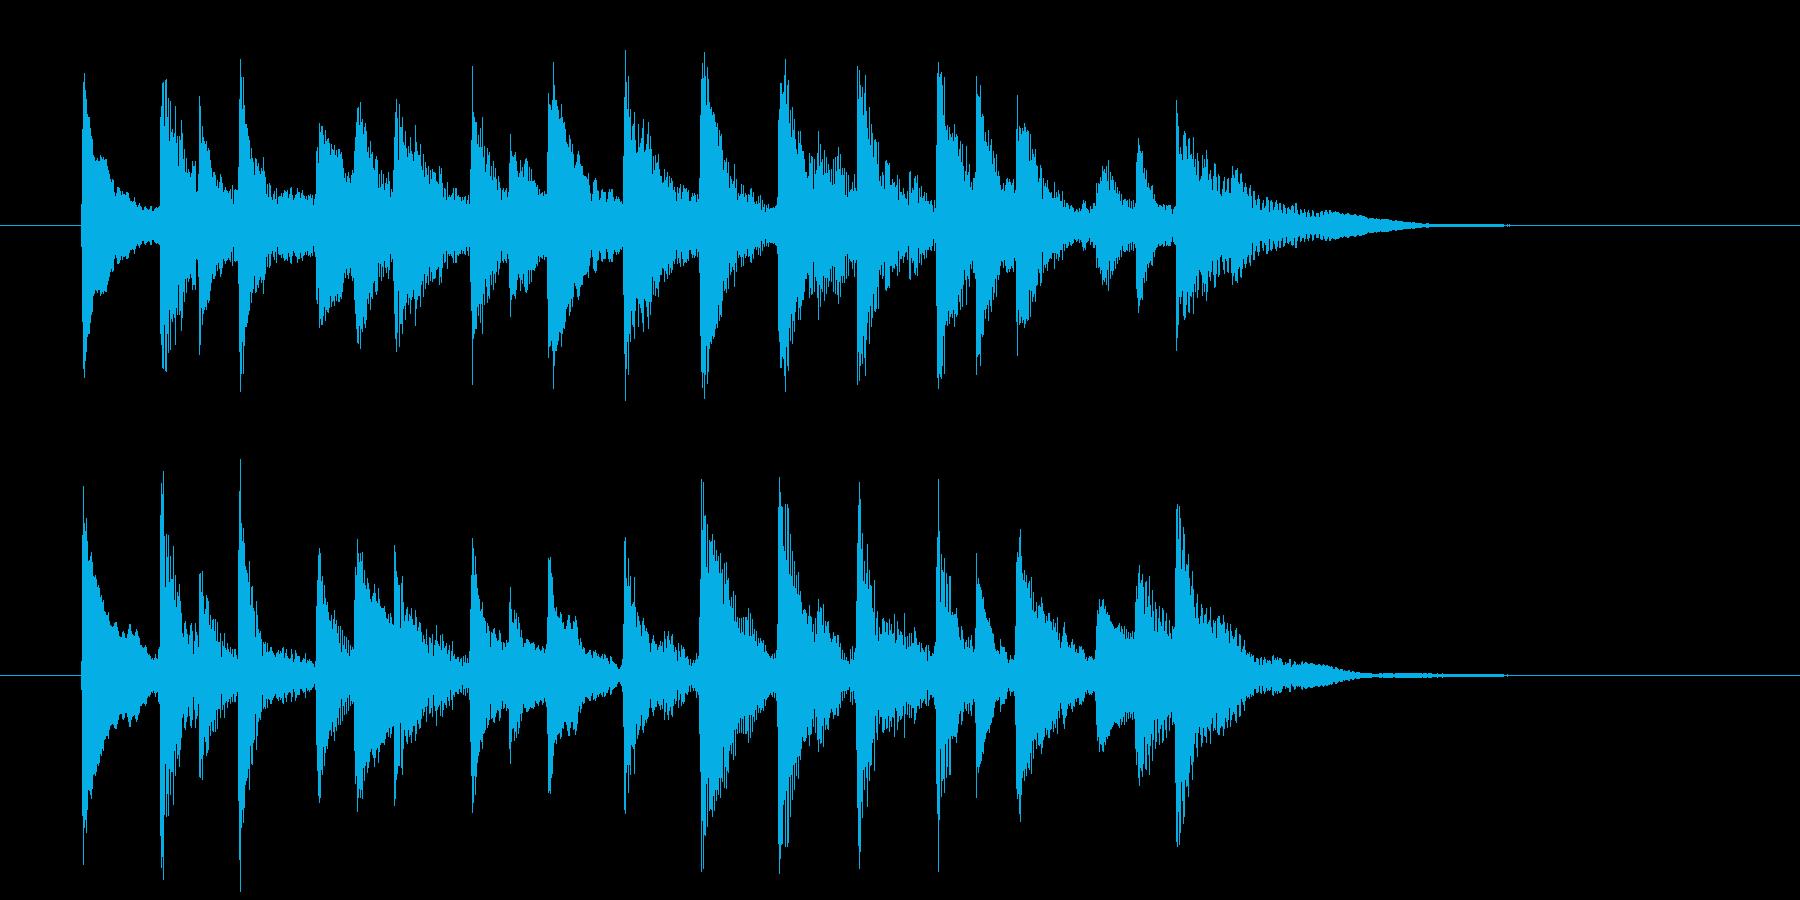 ゆったり軽やかな和風弦楽器サウンドの再生済みの波形